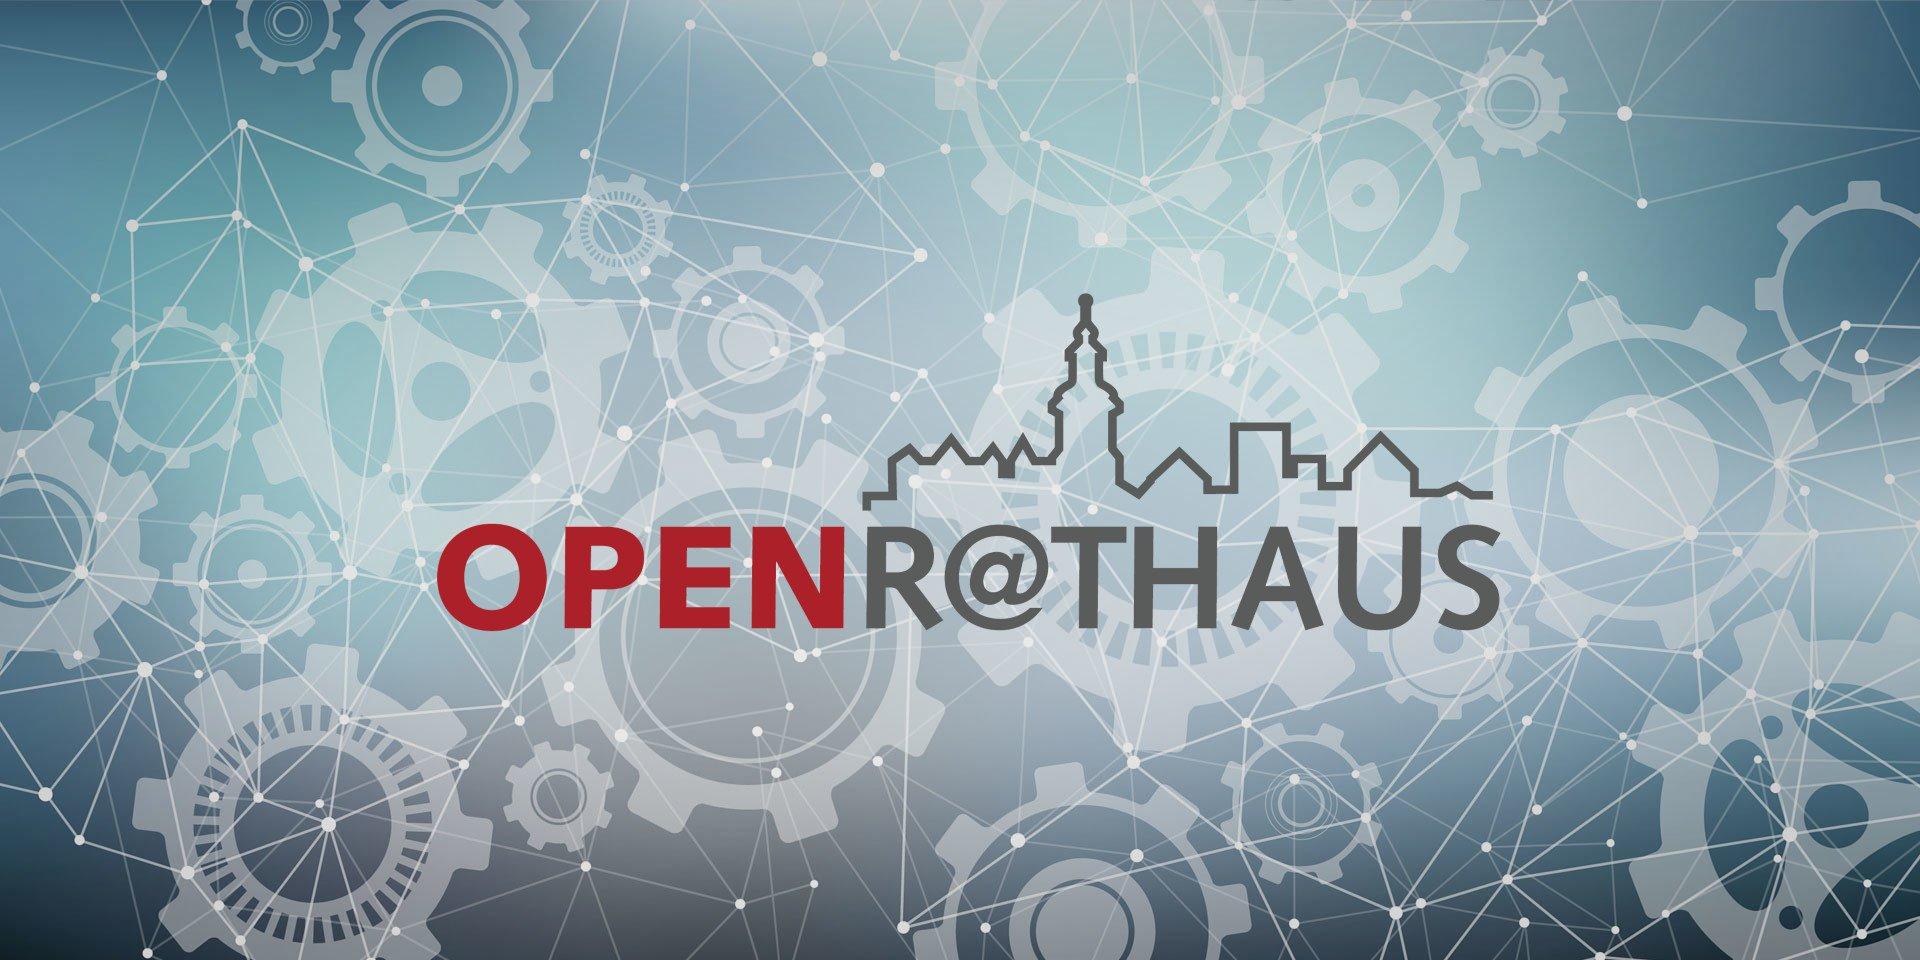 ITEBO Informationstechnologie Emsland Bentheim Osnabrück GmbH